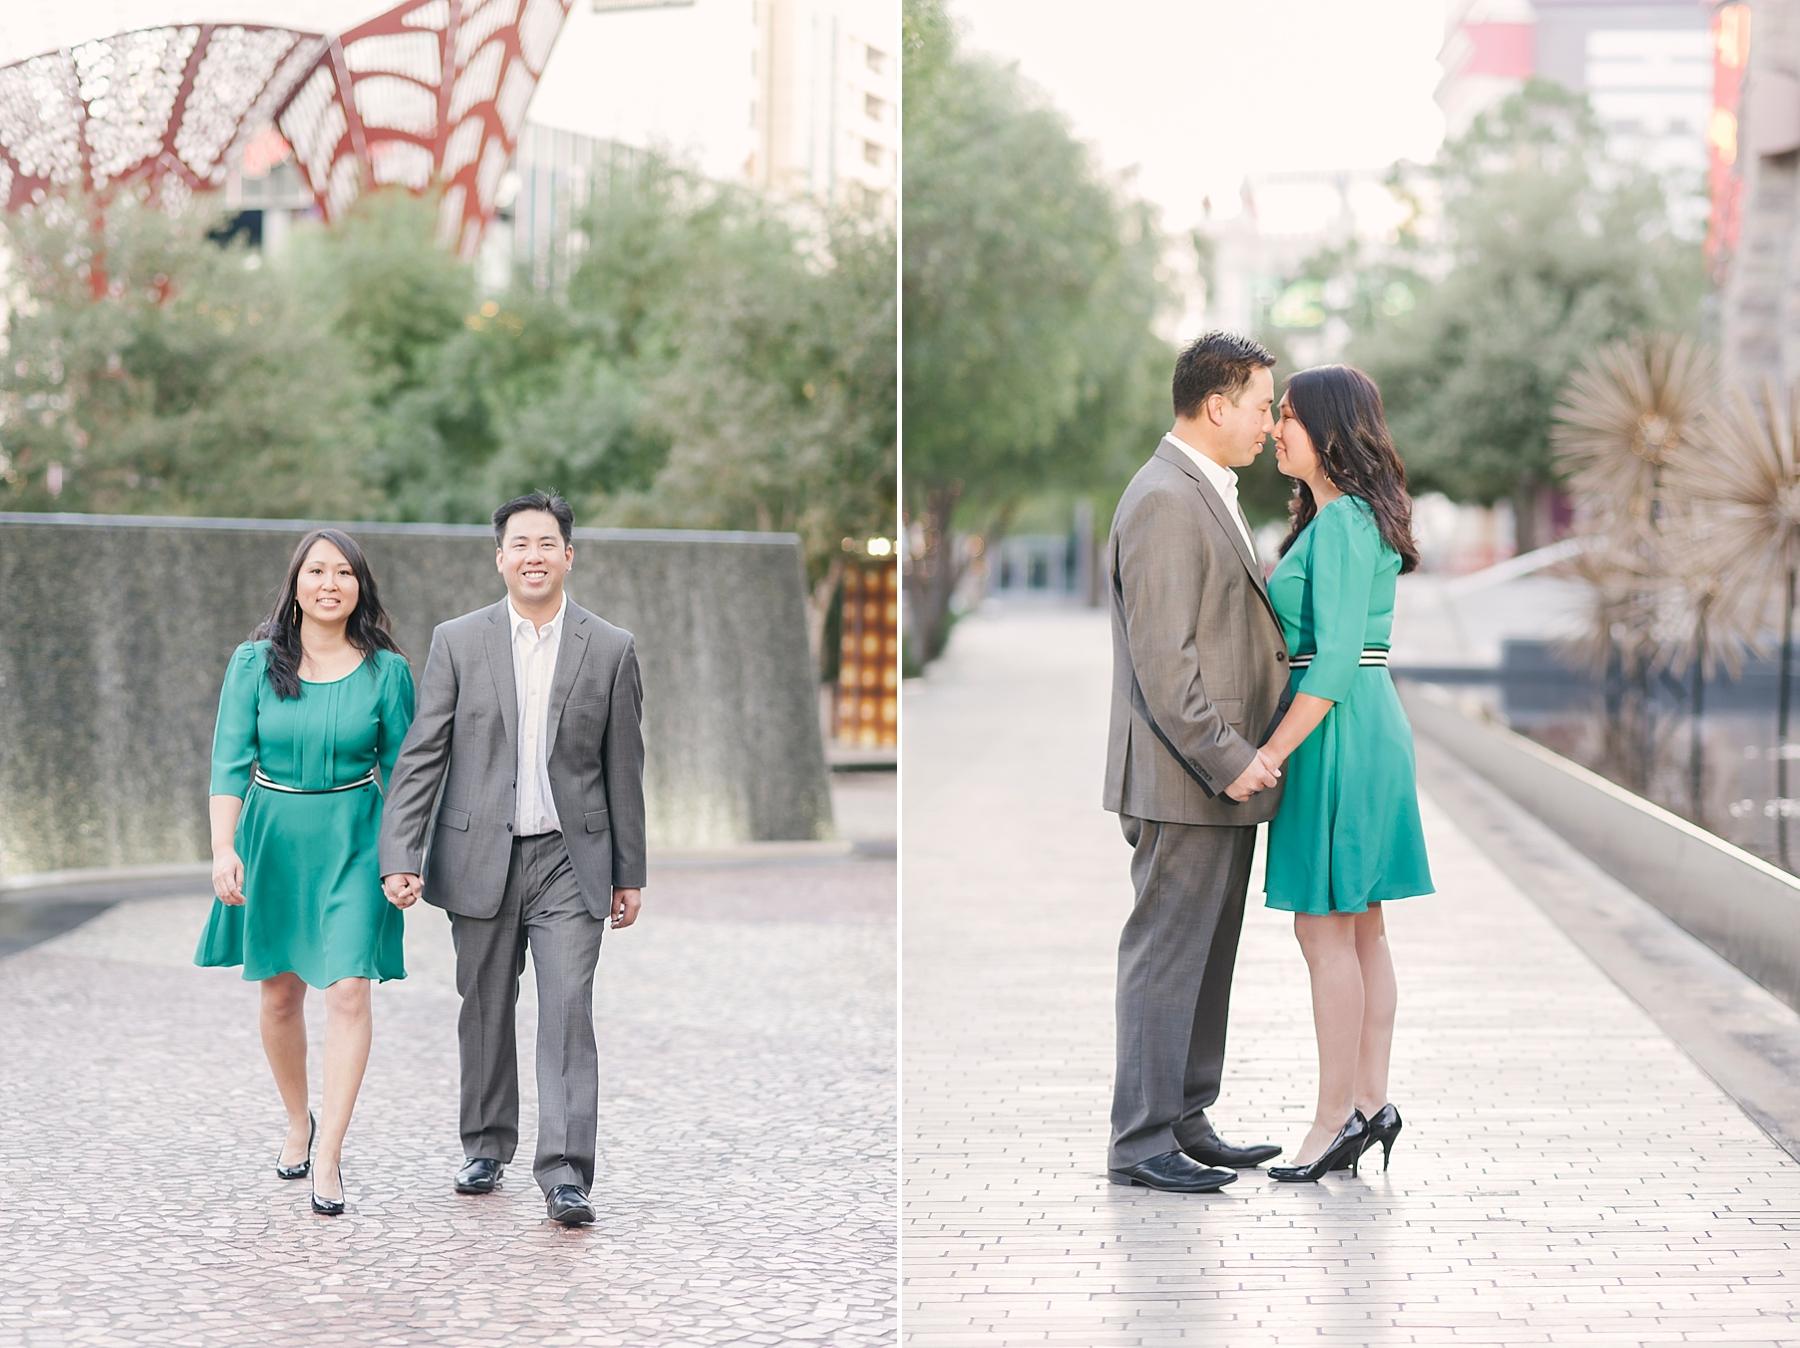 las-vegas-engagement-destination-photographers-04.jpg